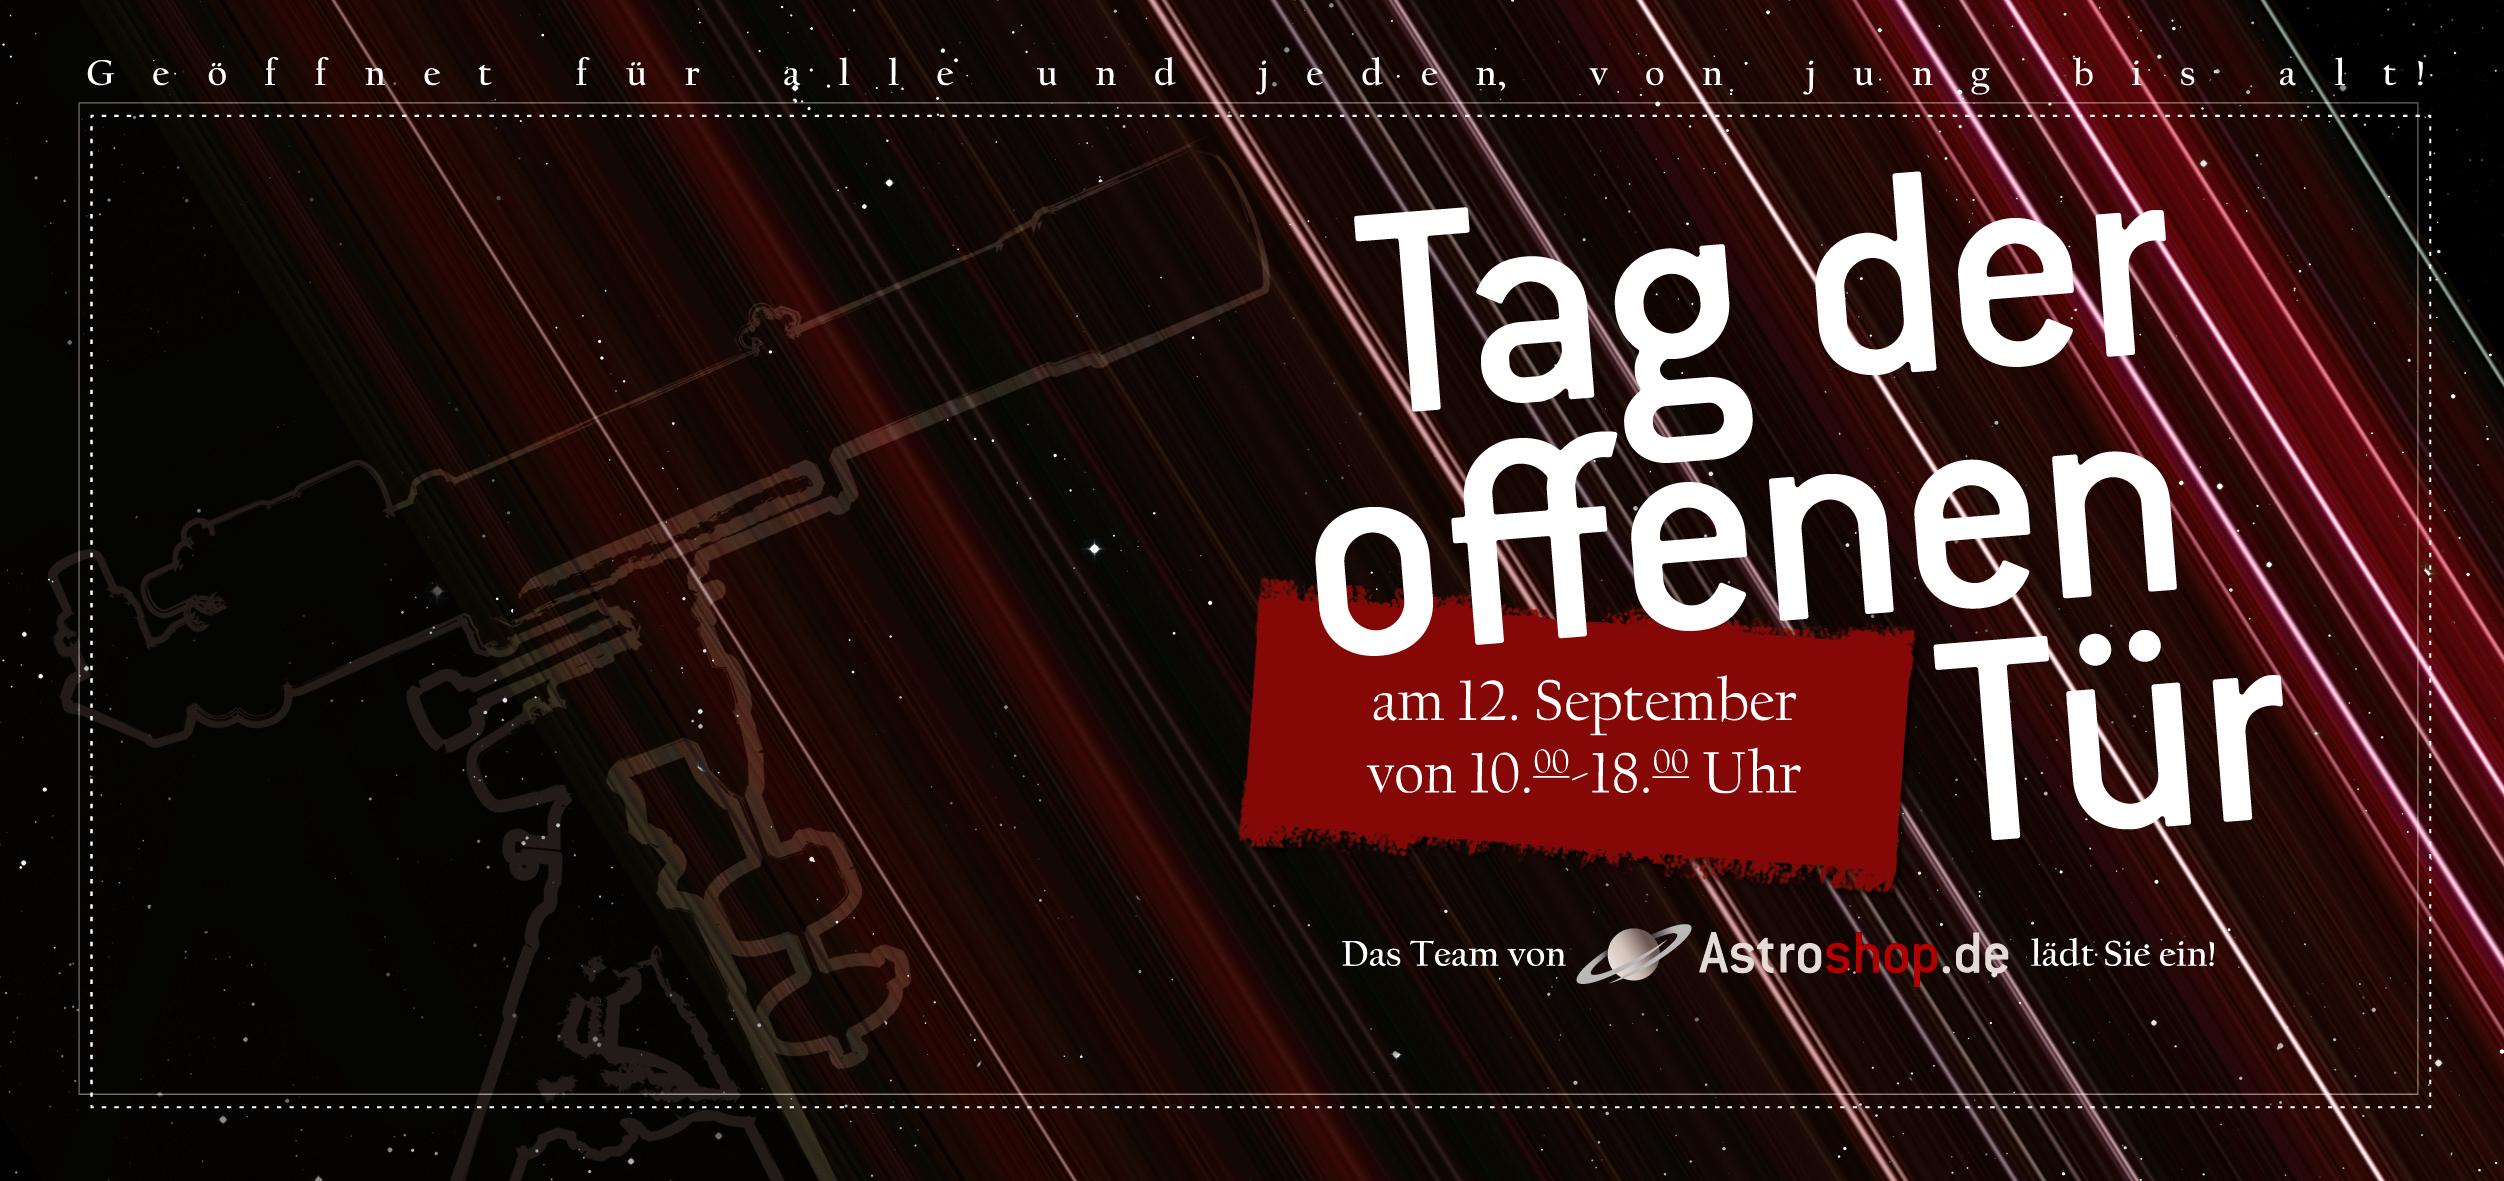 Tag der offenen tür flyer  Informationen zum Tag der offenen Tür - astroshop.de Blog